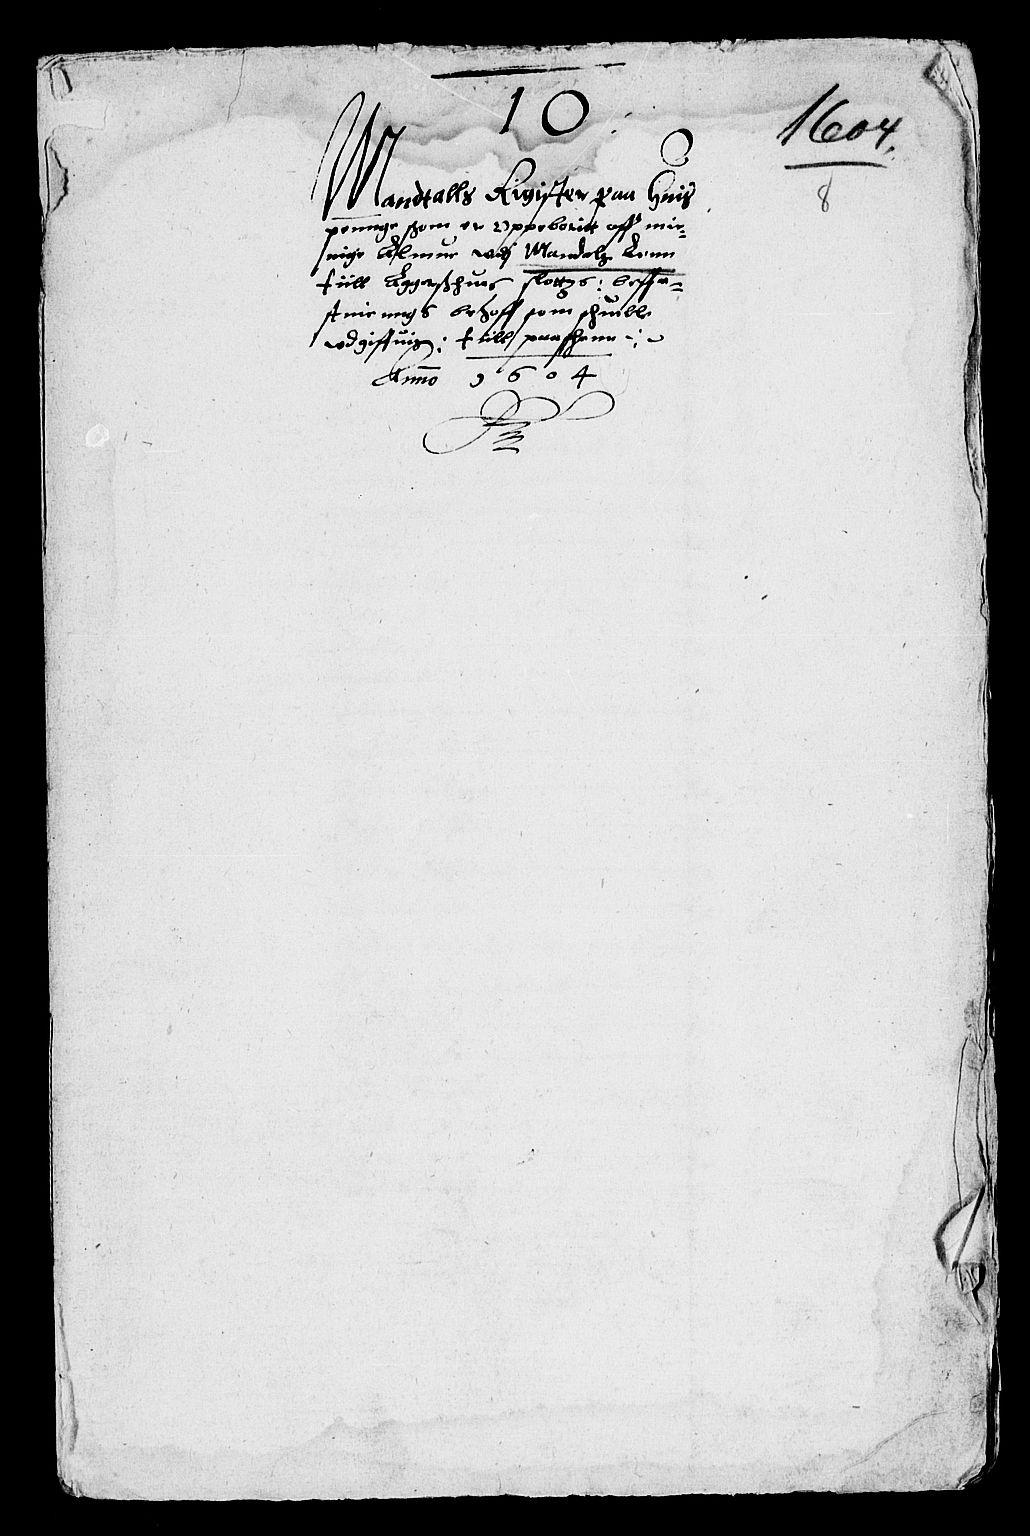 RA, Rentekammeret inntil 1814, Reviderte regnskaper, Lensregnskaper, R/Rb/Rba/L0020: Akershus len, 1603-1606